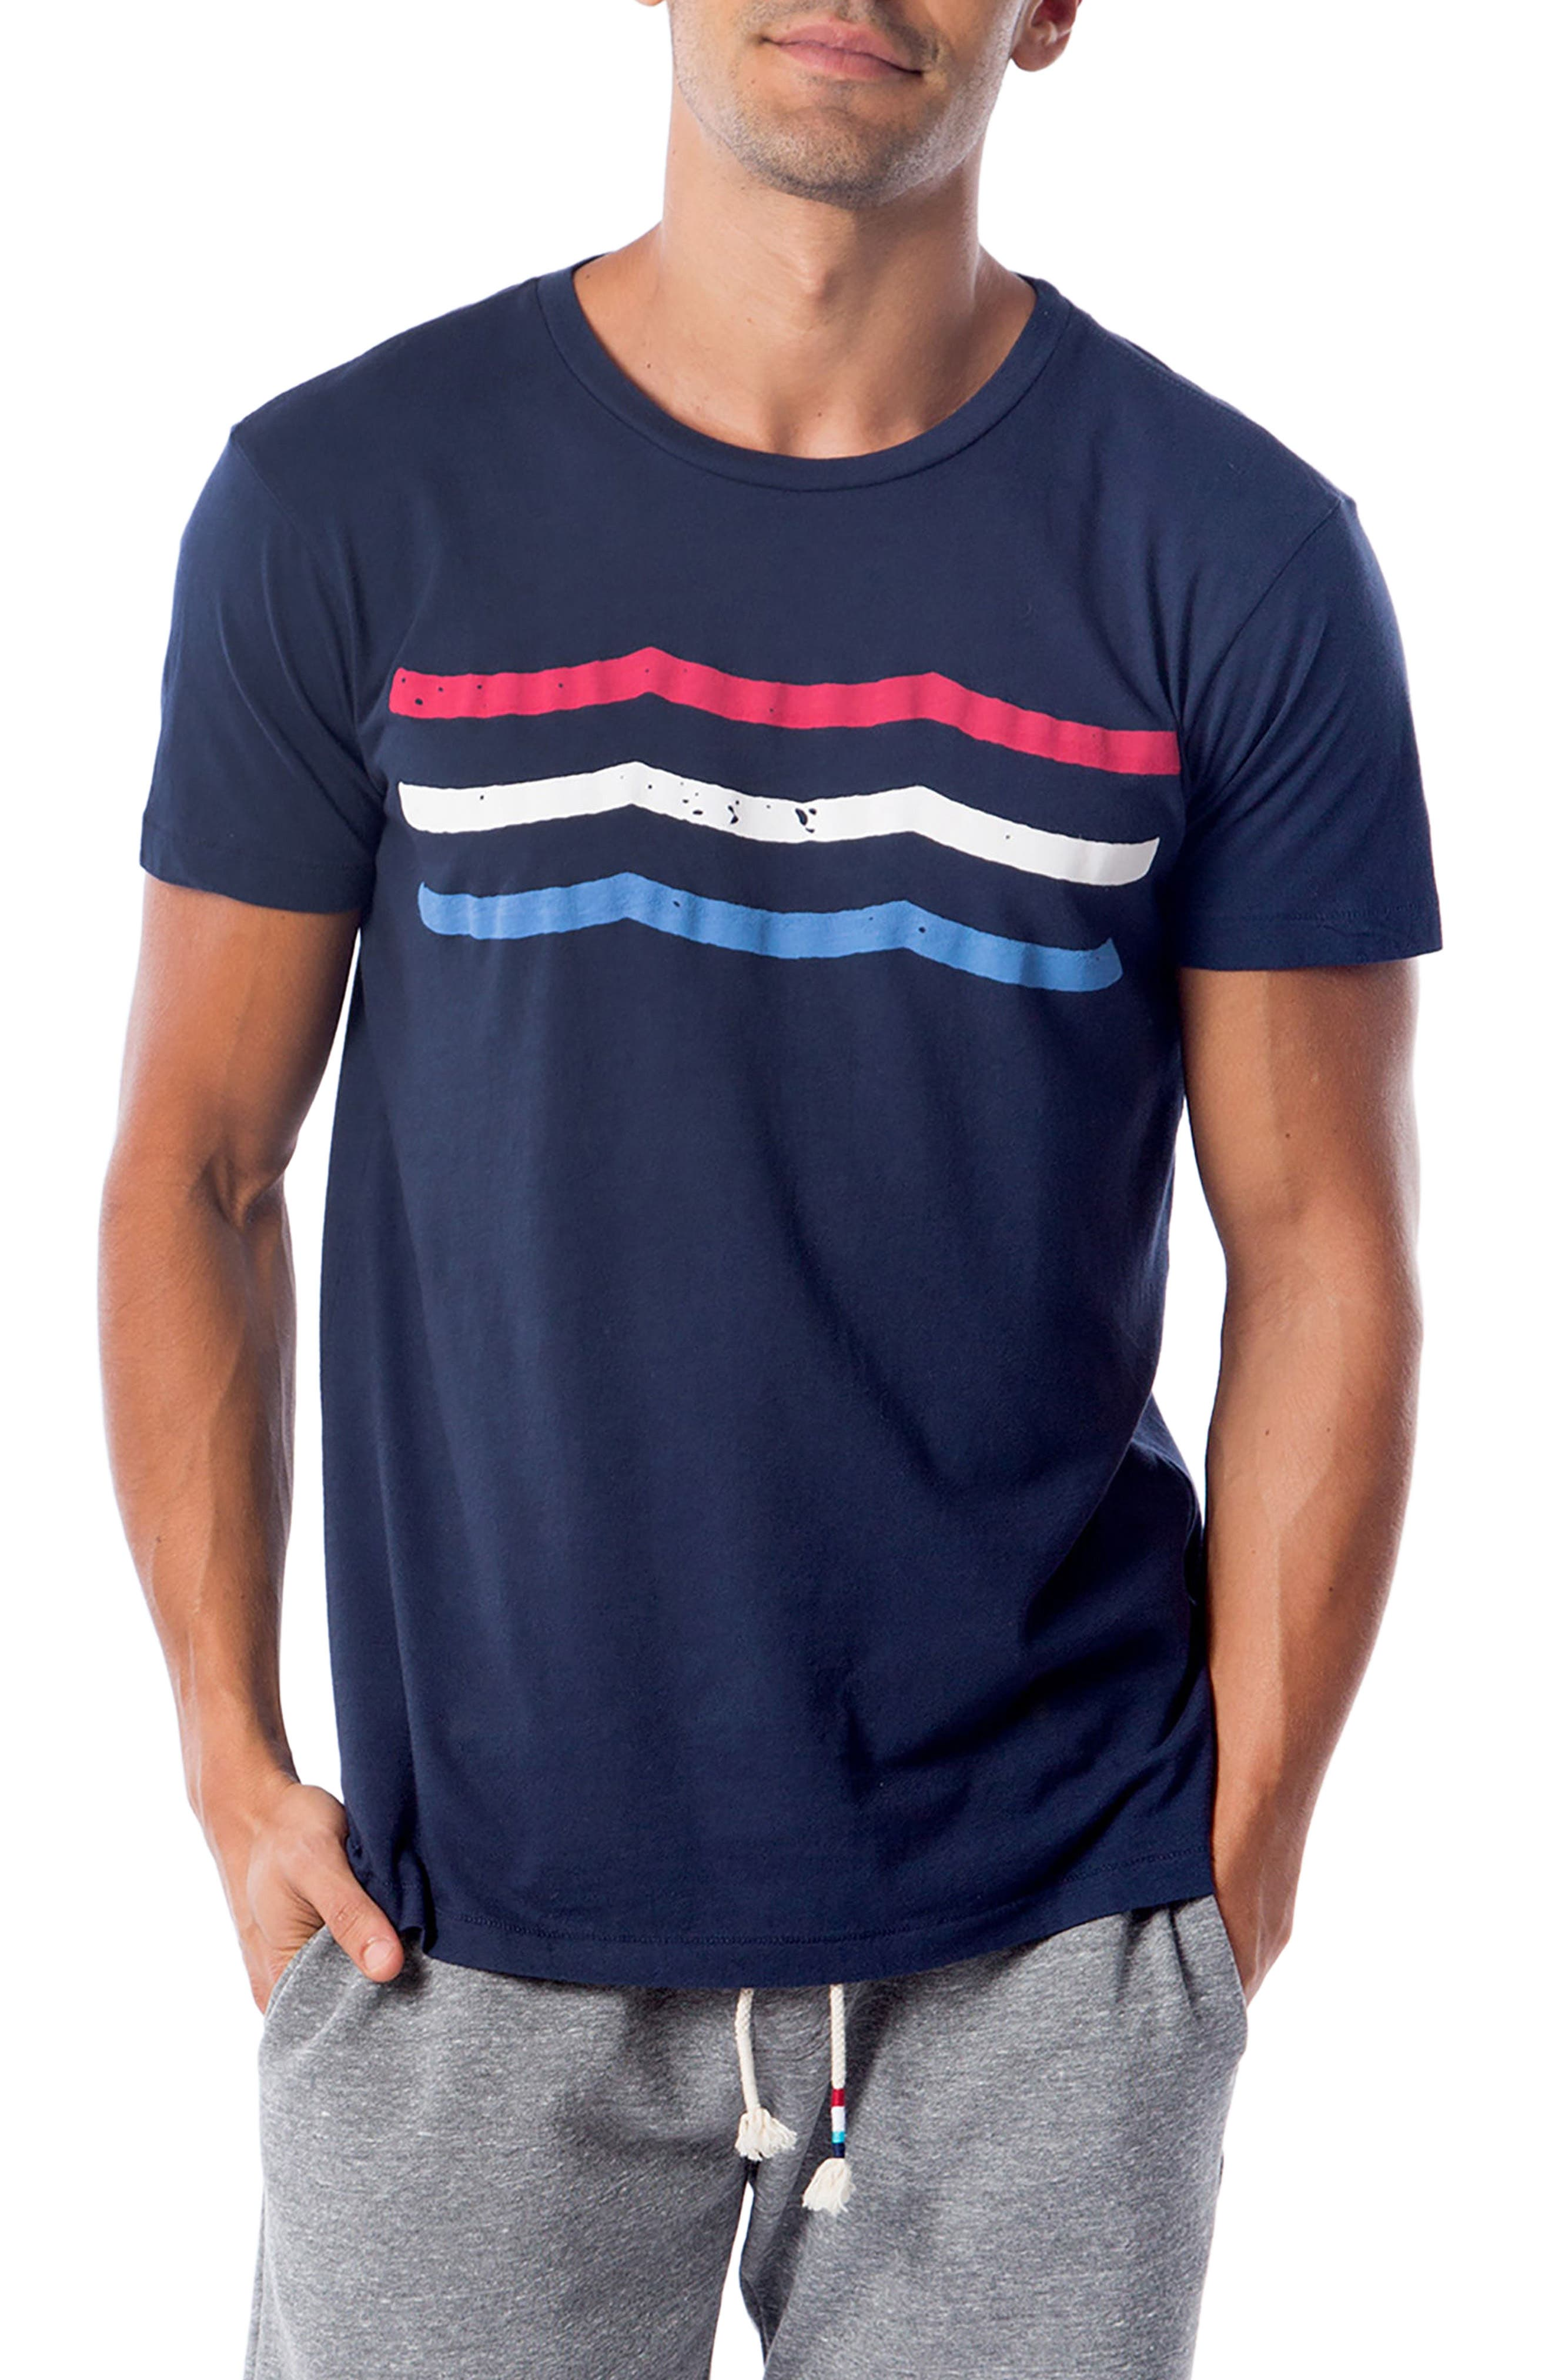 American Waves T-Shirt,                             Main thumbnail 1, color,                             Indigo